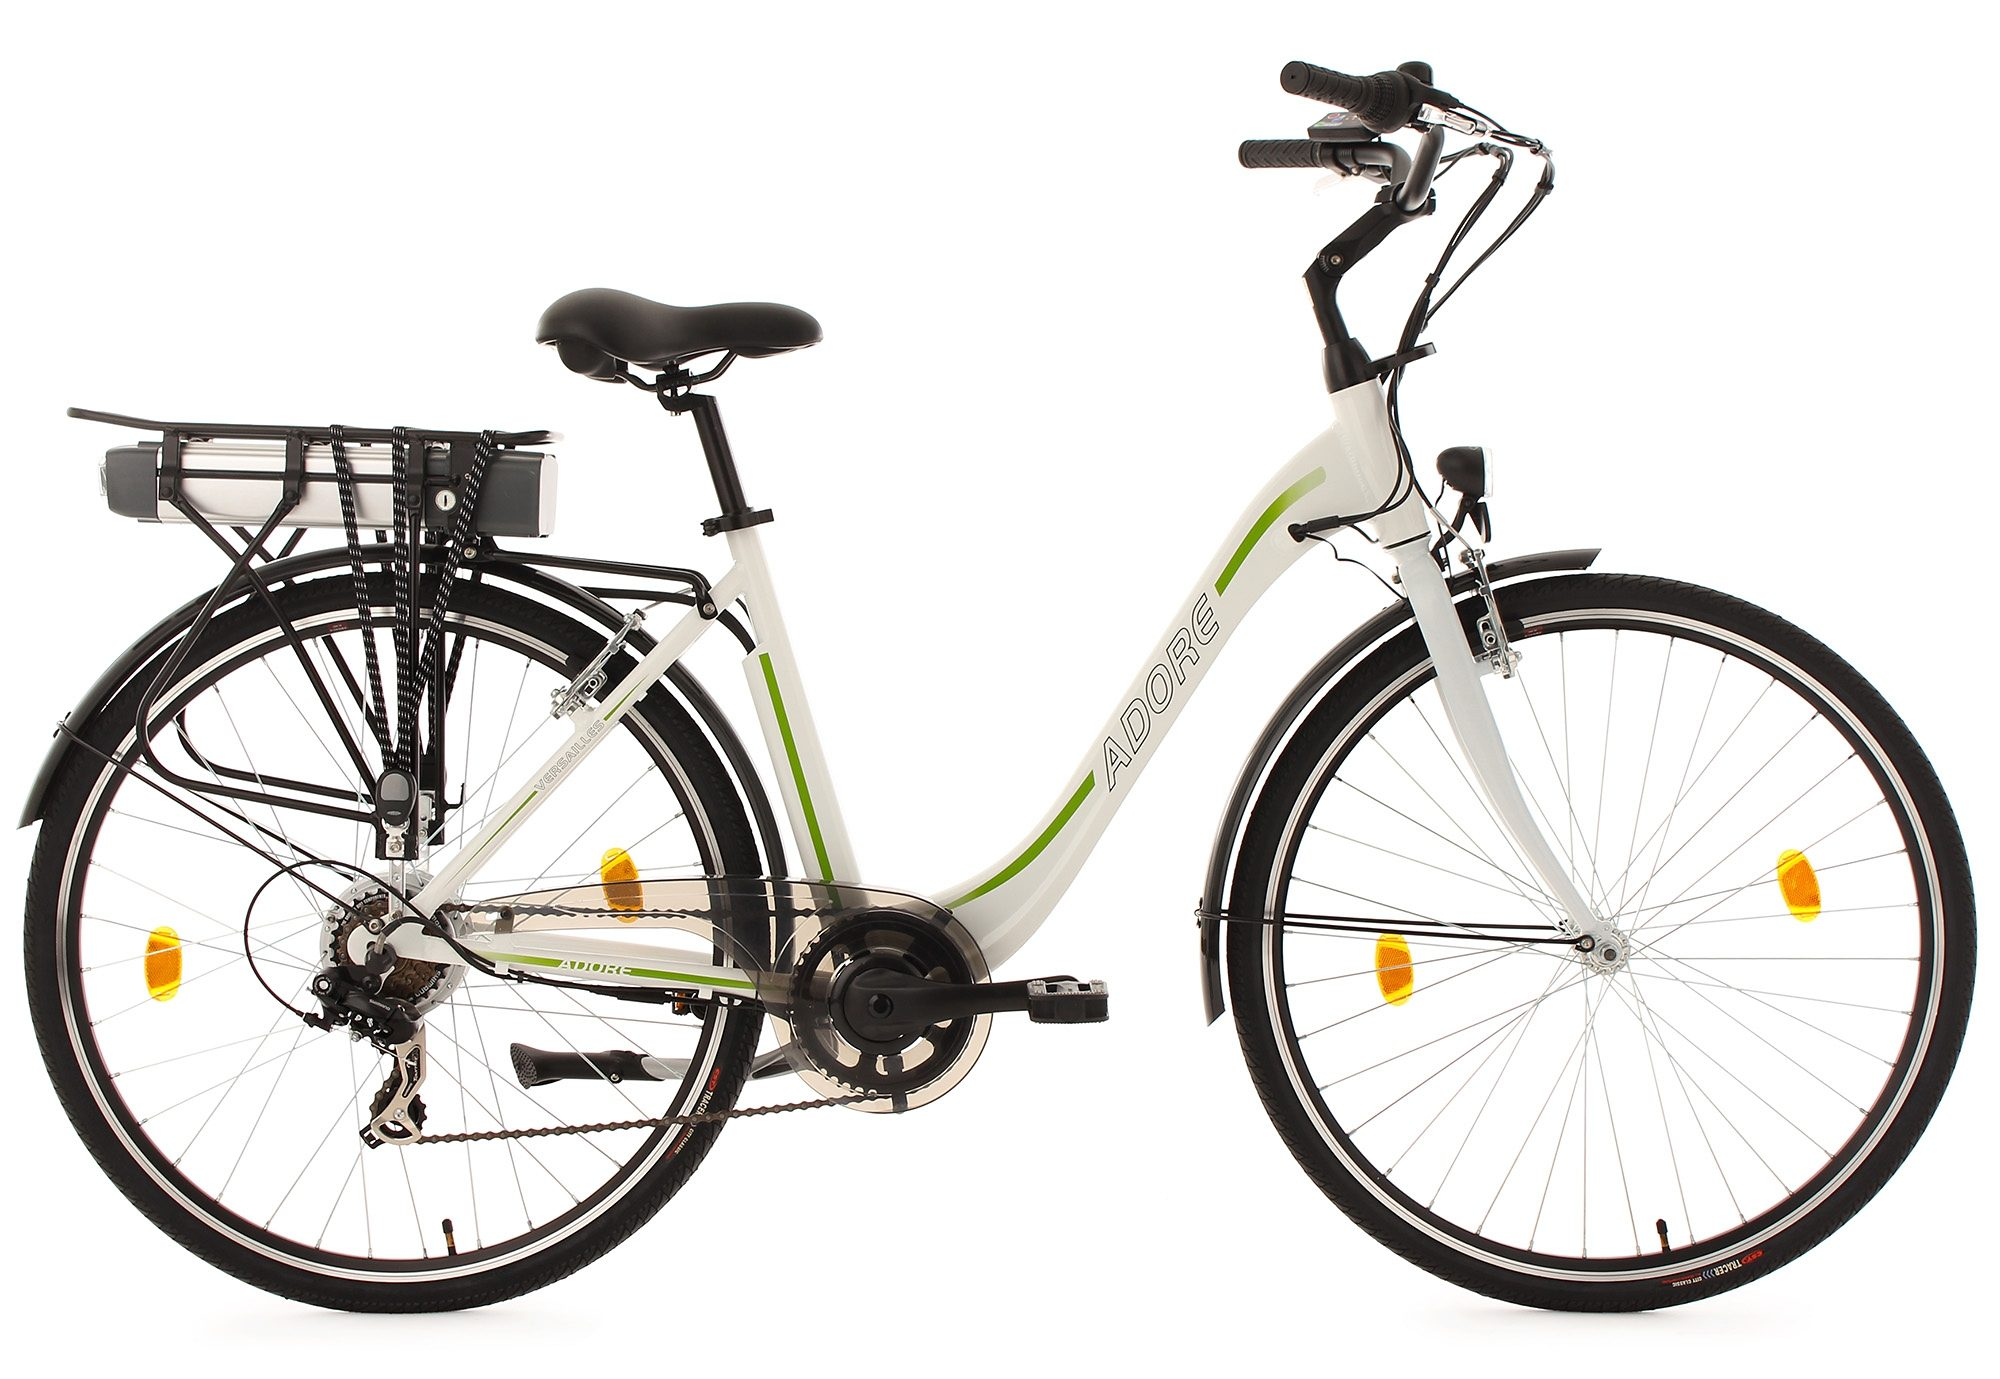 Adore Damen-E-Bike City, 28 Zoll, weiß-grün, 7 Gänge, 250 Watt Li-Ion, 36V/10,4Ah, »Versailles«